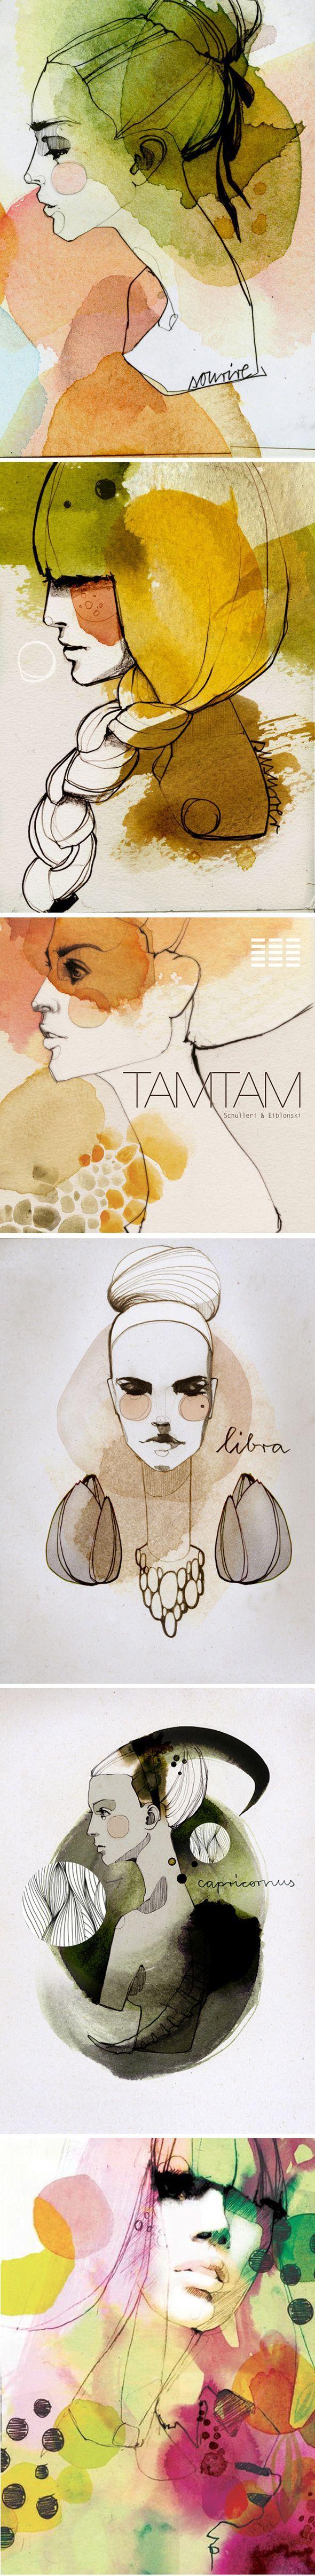 Magnifiques aquarelles Je suis en admiration devant le travail d'Ekaterina Koroleva, graphiste et illustratrice basée à Berlin. Elle aime l'illustration de mode, d'où une représentation omniprésente de femmes très minces. Sa signature se trouve dans le visage de tous ses personnages, les joues roses. Tout est dessiné à la main avec un crayon puis subtilement coloré à l'aquarelle, un très joli travail à découvrir en images ci-dessous.